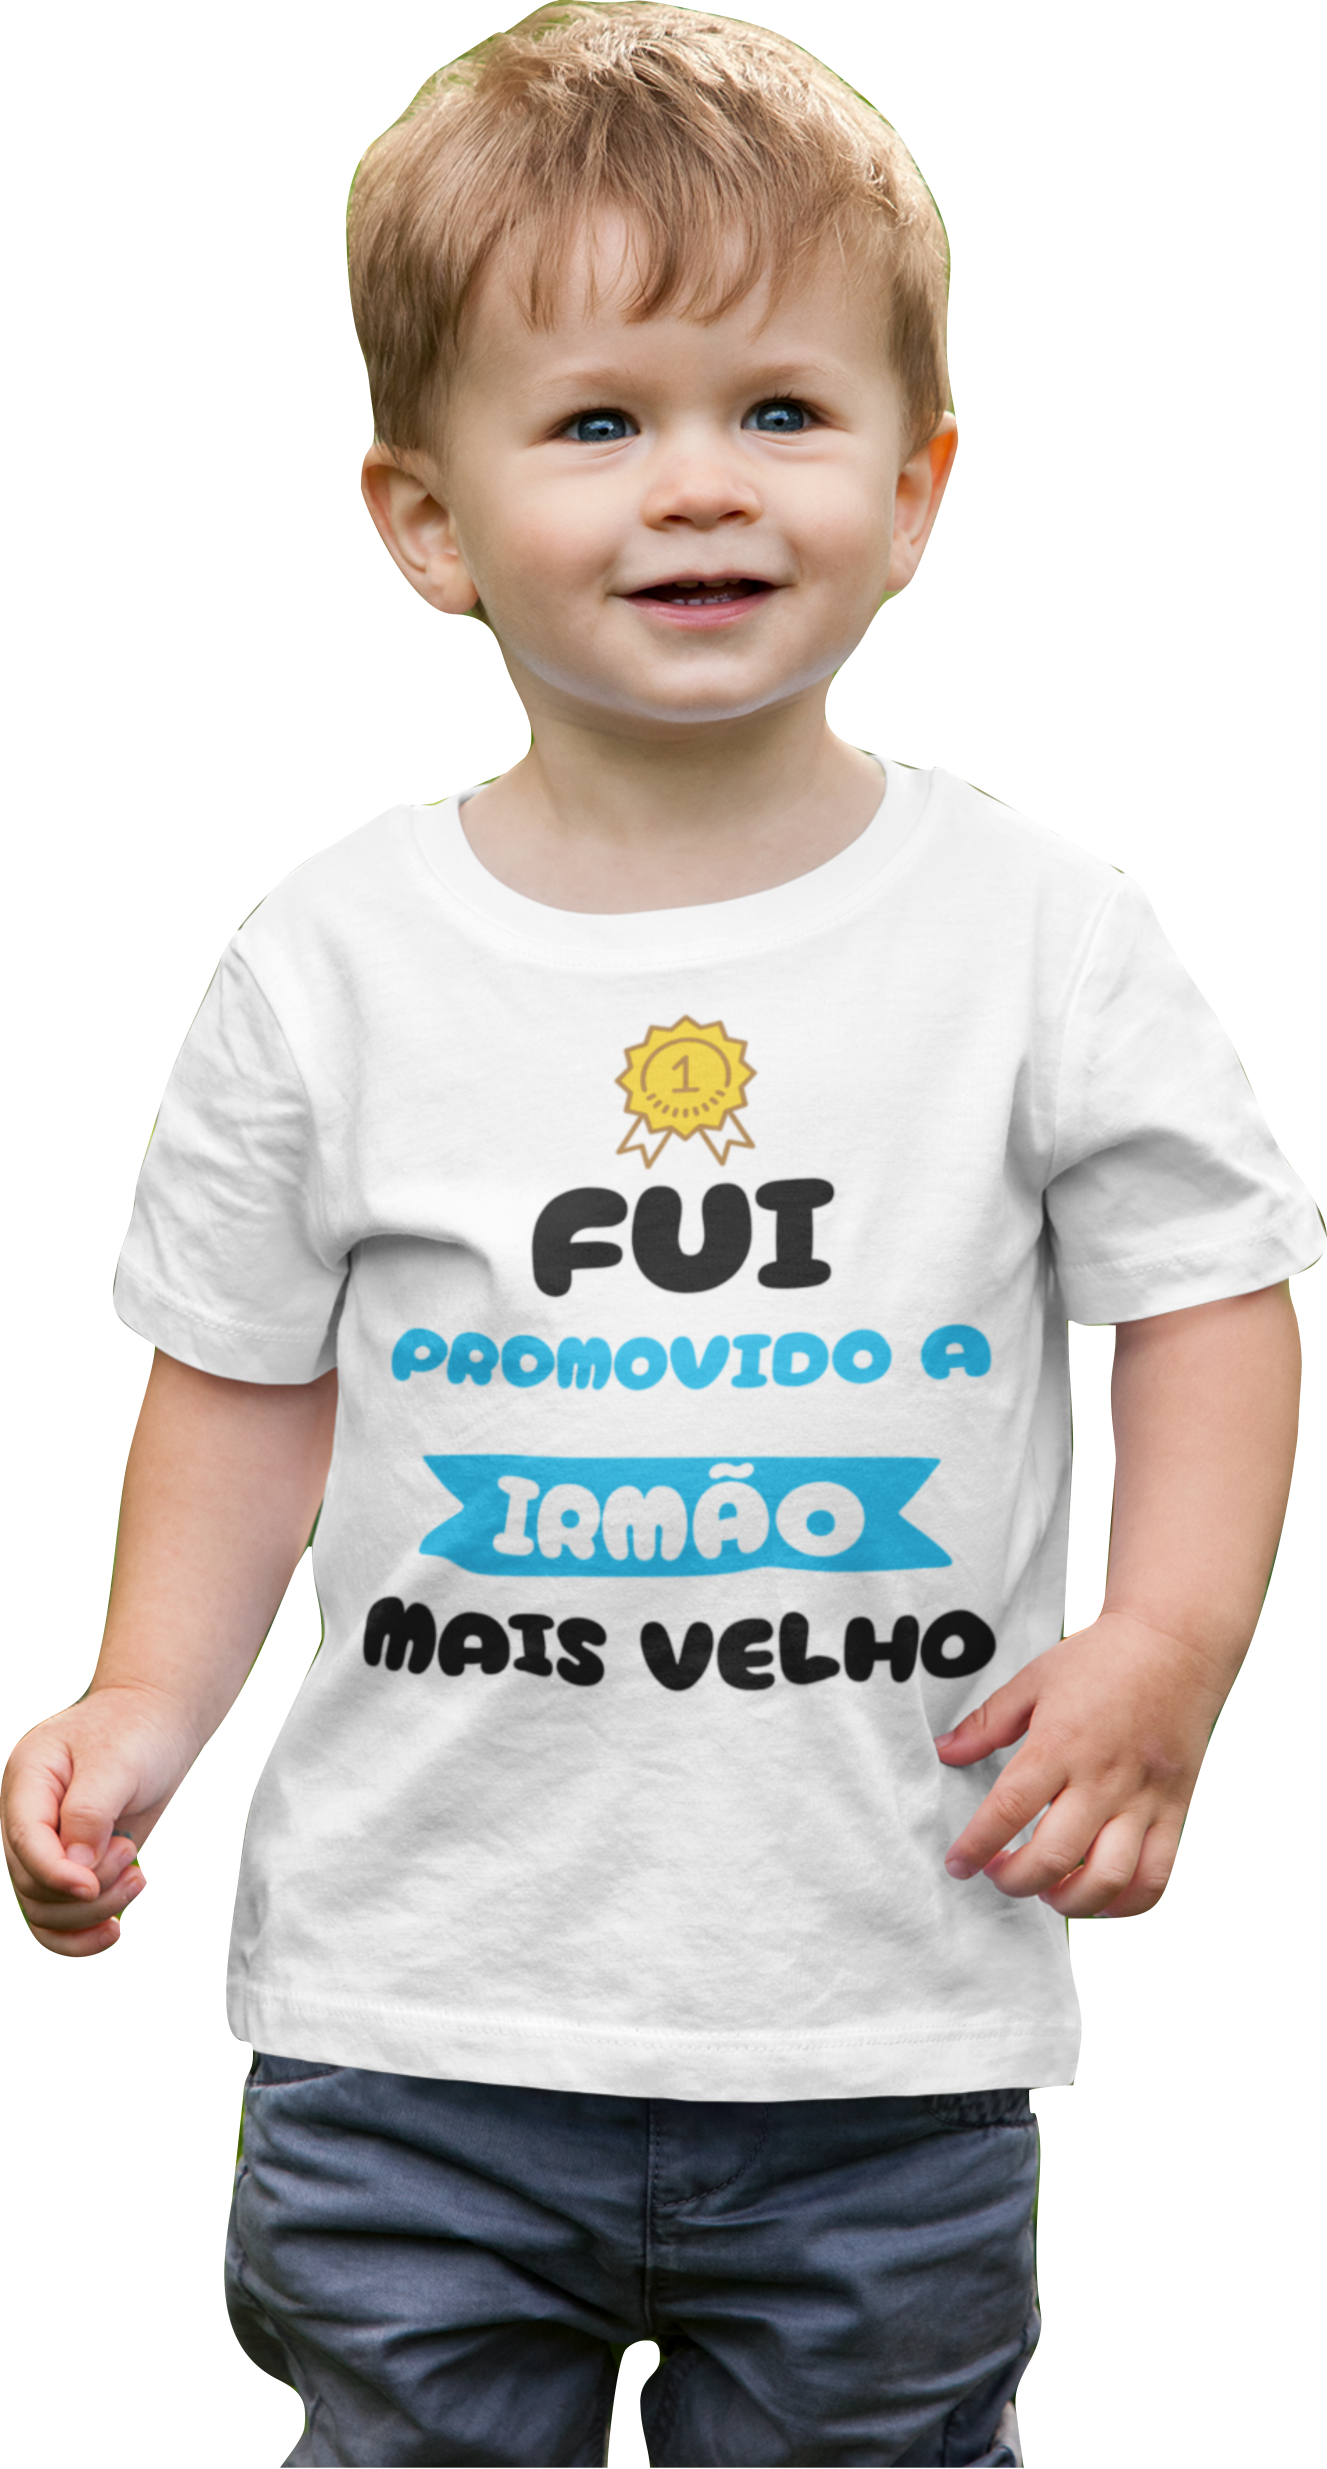 Camiseta Fui Promovido a Irmão Mais Velho Infantil Capa